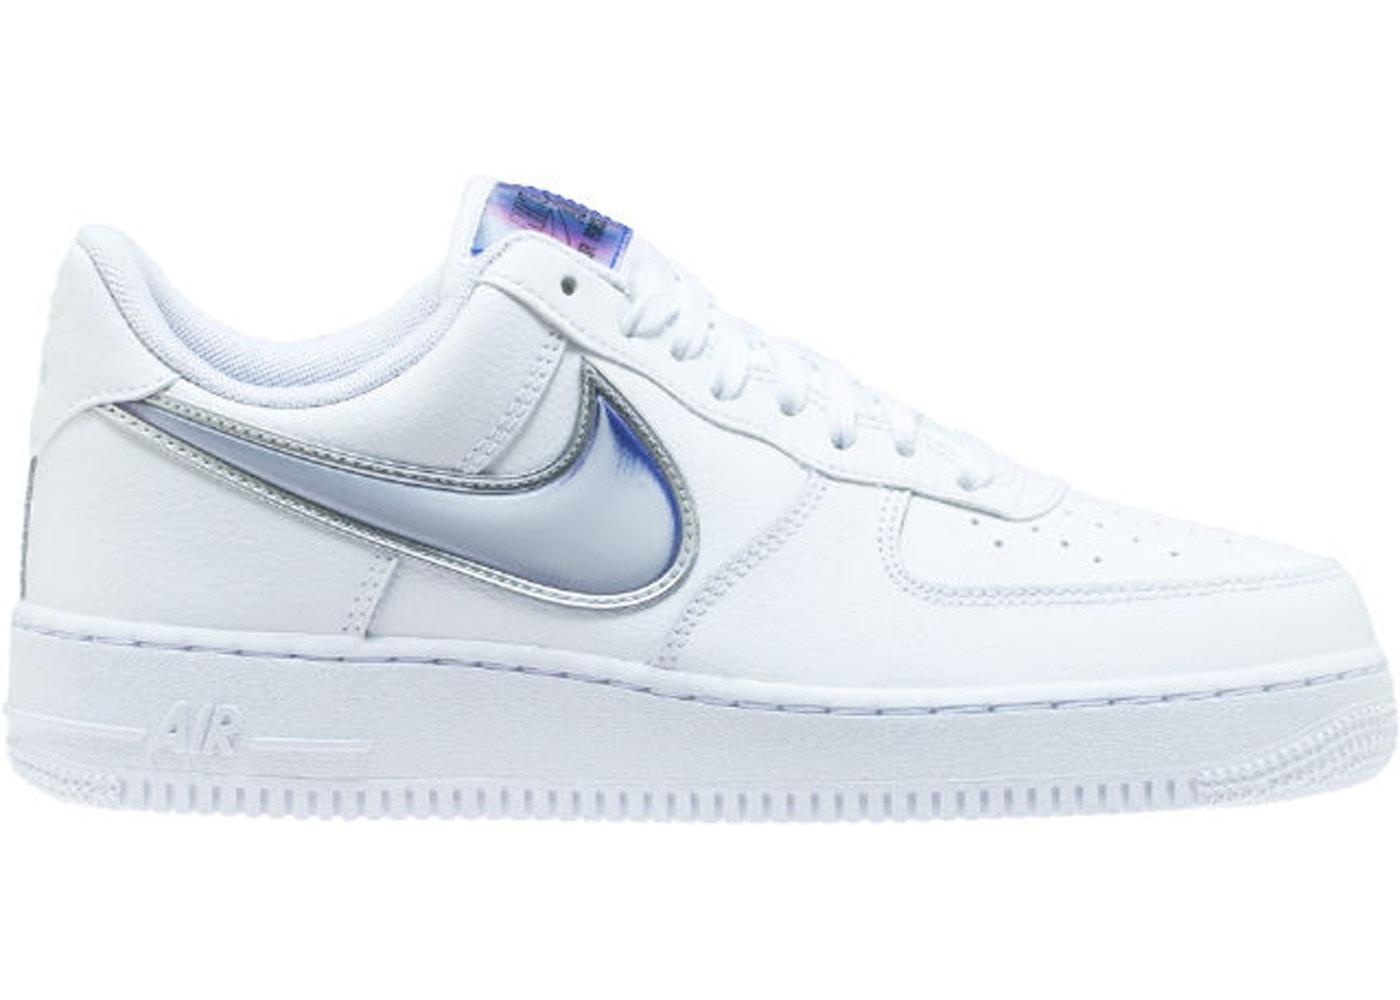 6aa3157cda Nike Air Force 1 Shoes - Release Date